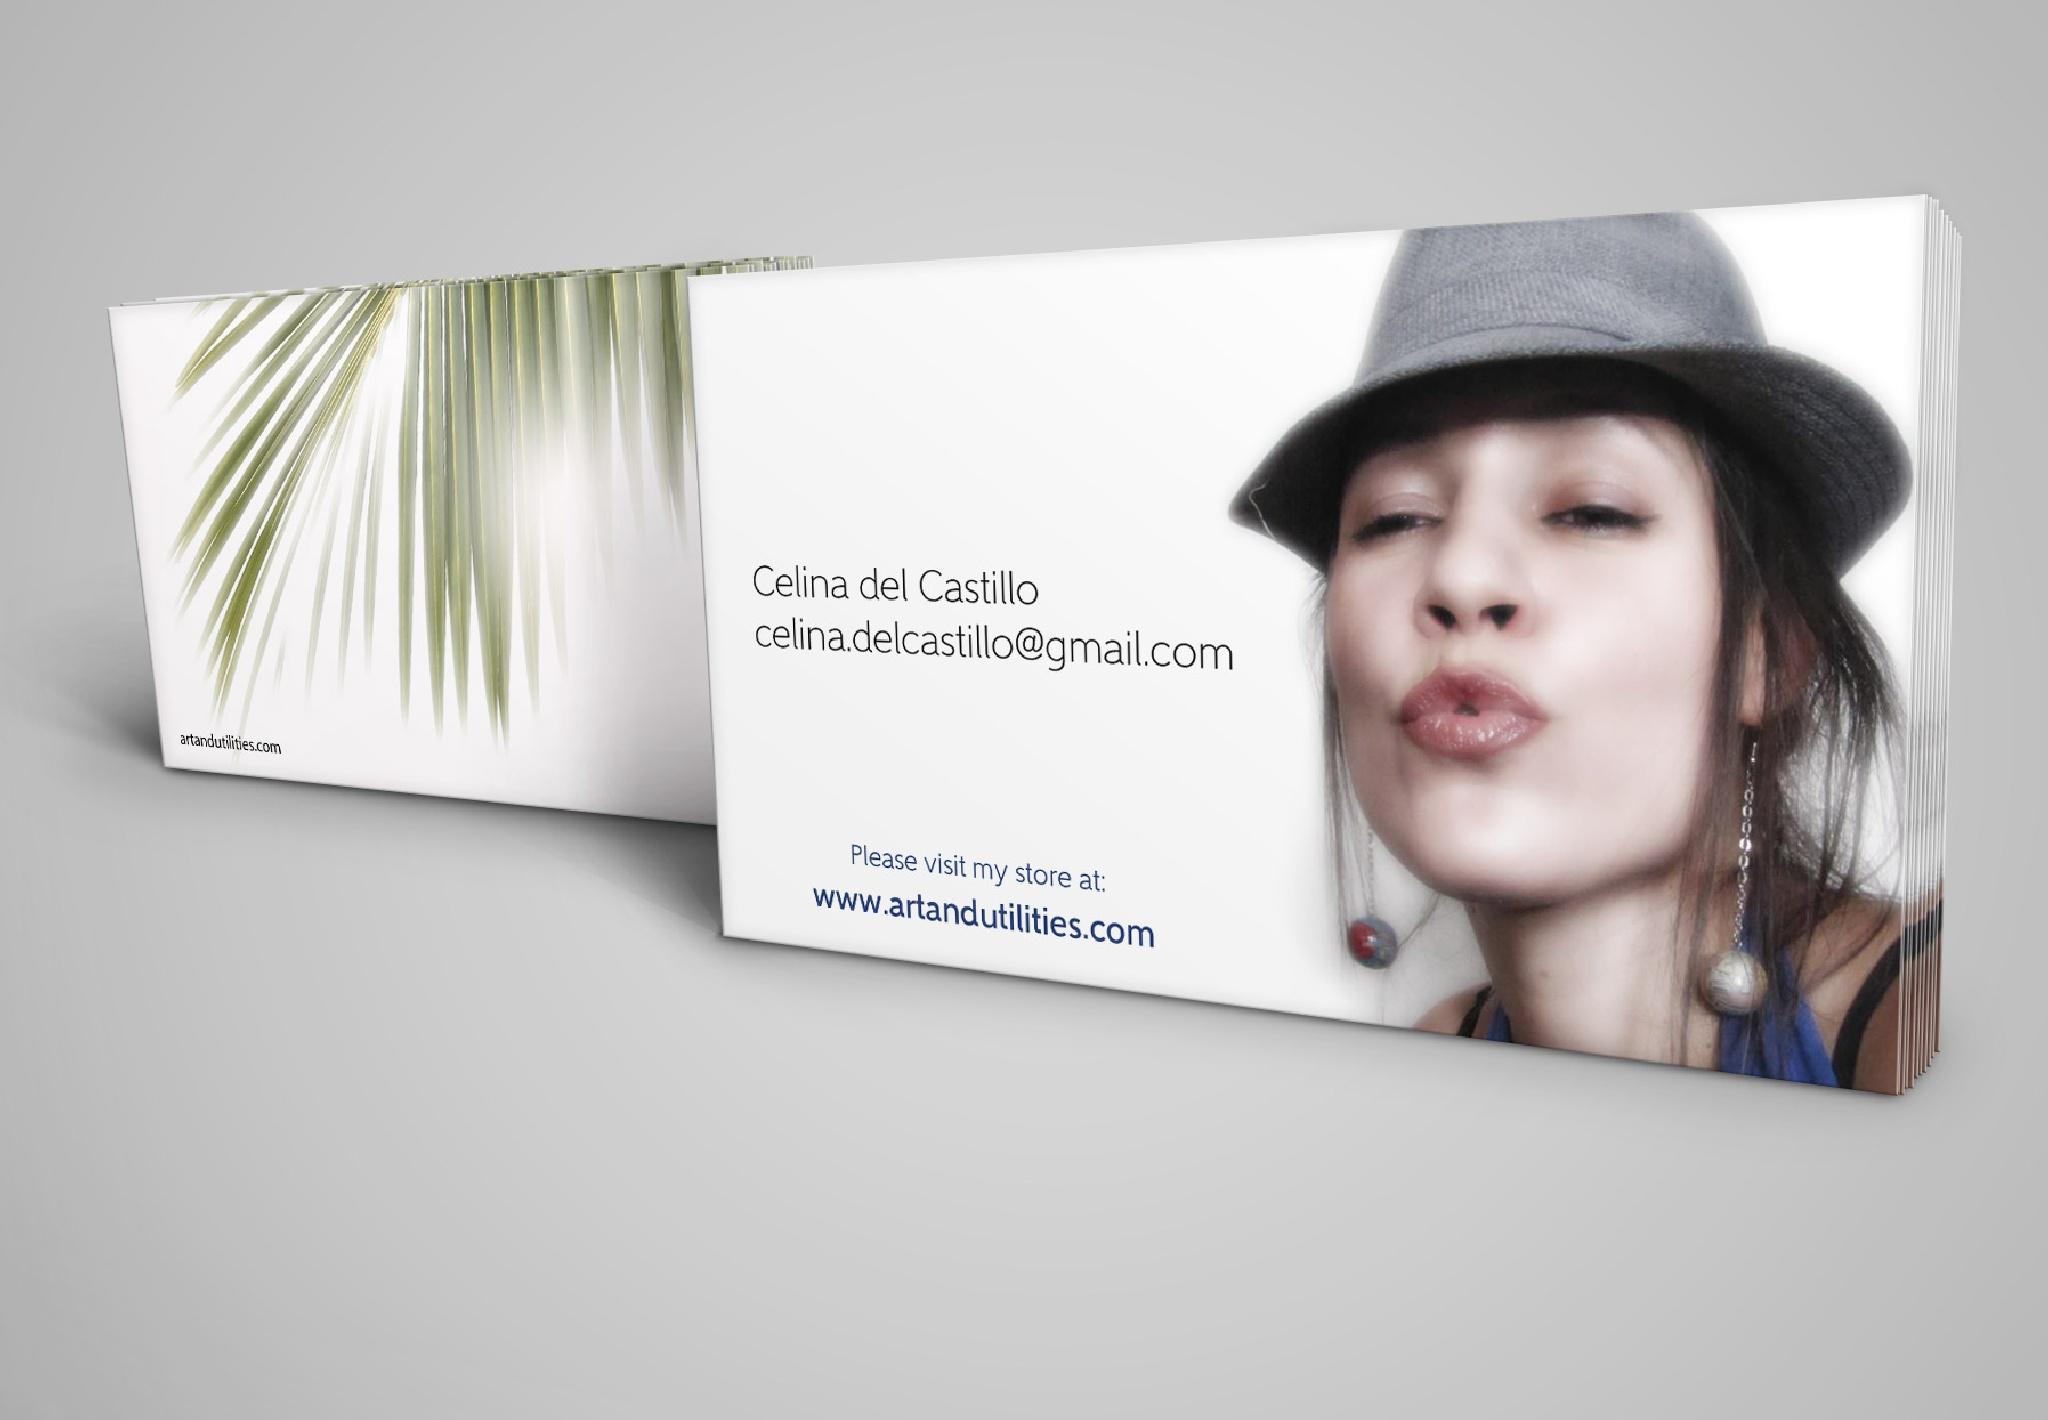 Business card design by Celina del Castillo